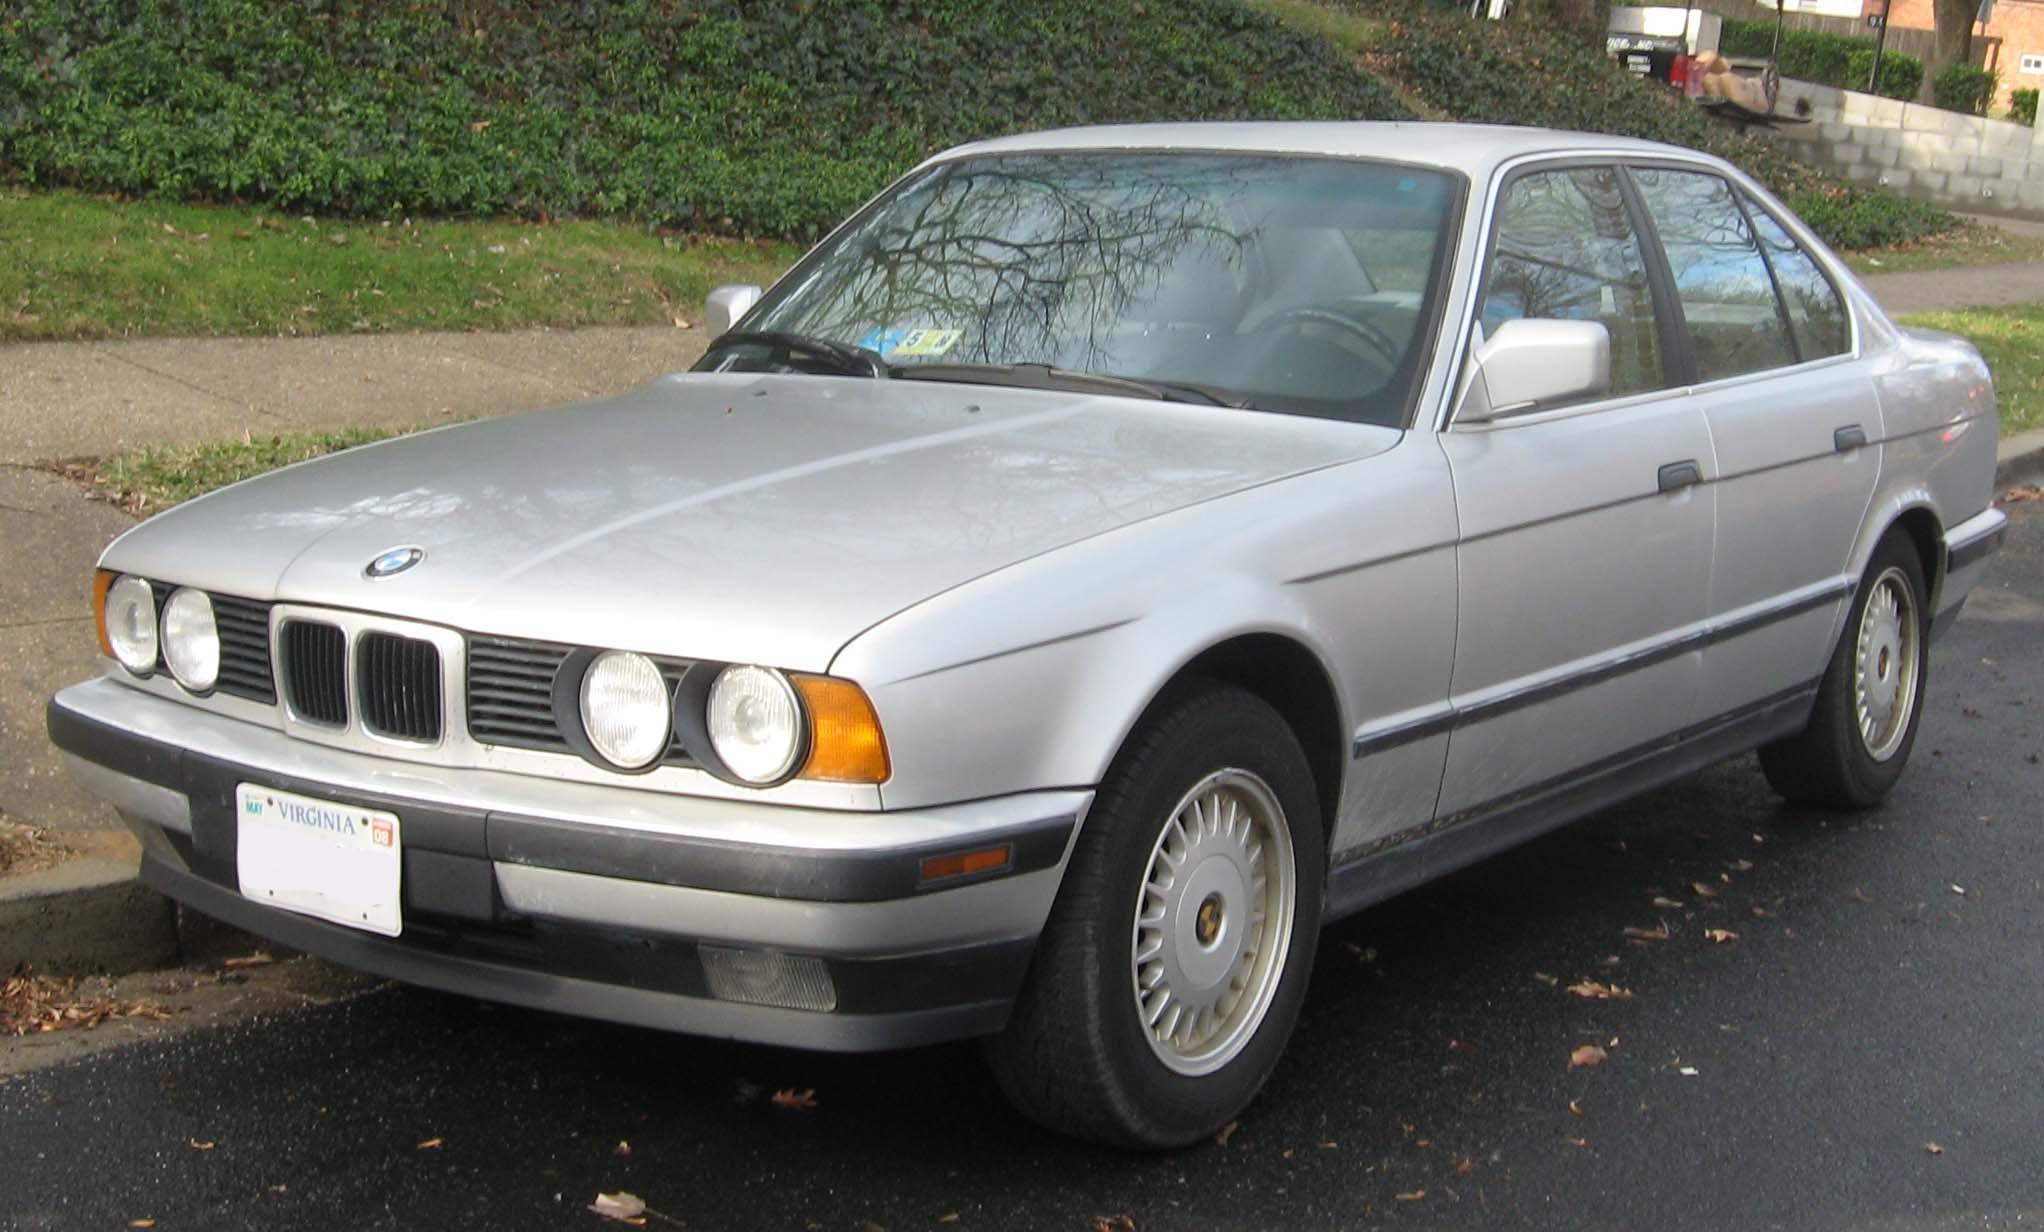 Inspektion bei einem BMW der 5er Reihe Typ E34